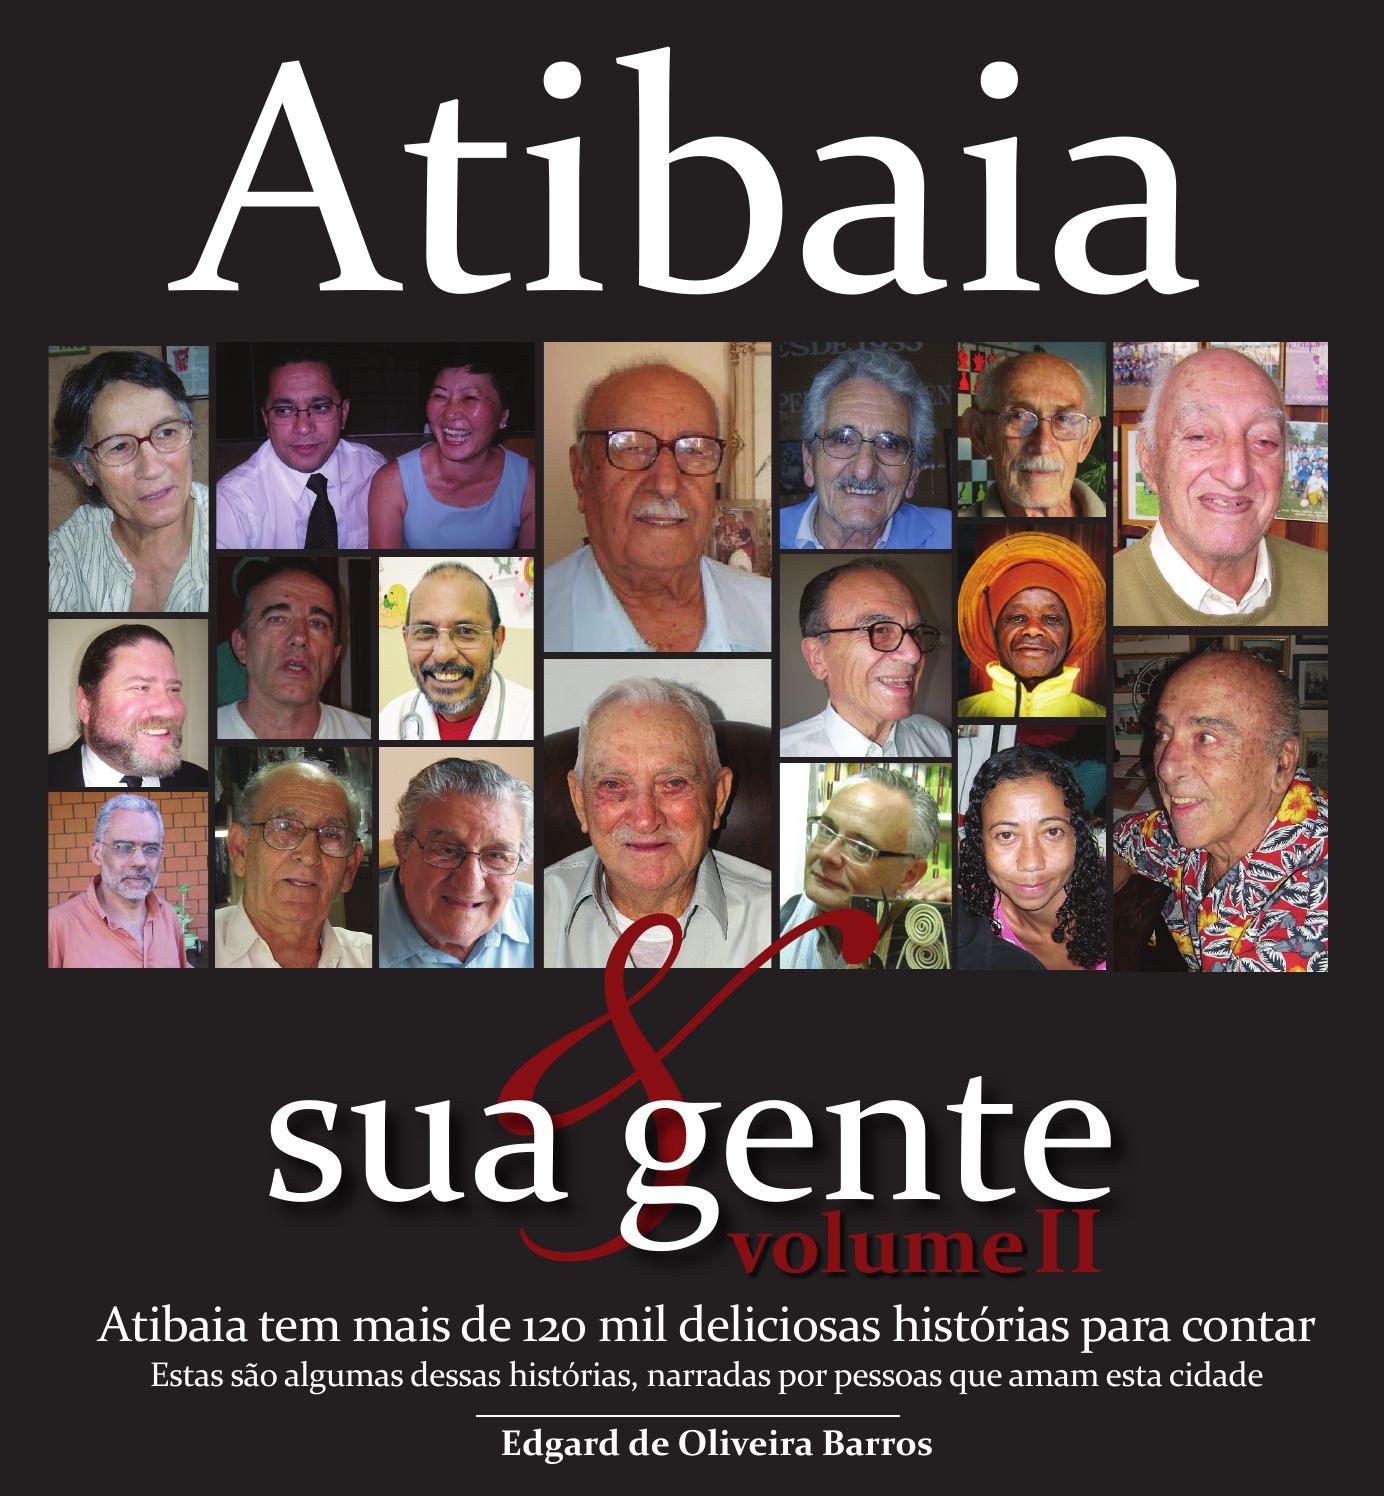 e615af09d9a2 Atibaia & Sua Gente II by Edgard De Oliveira Barros - issuu